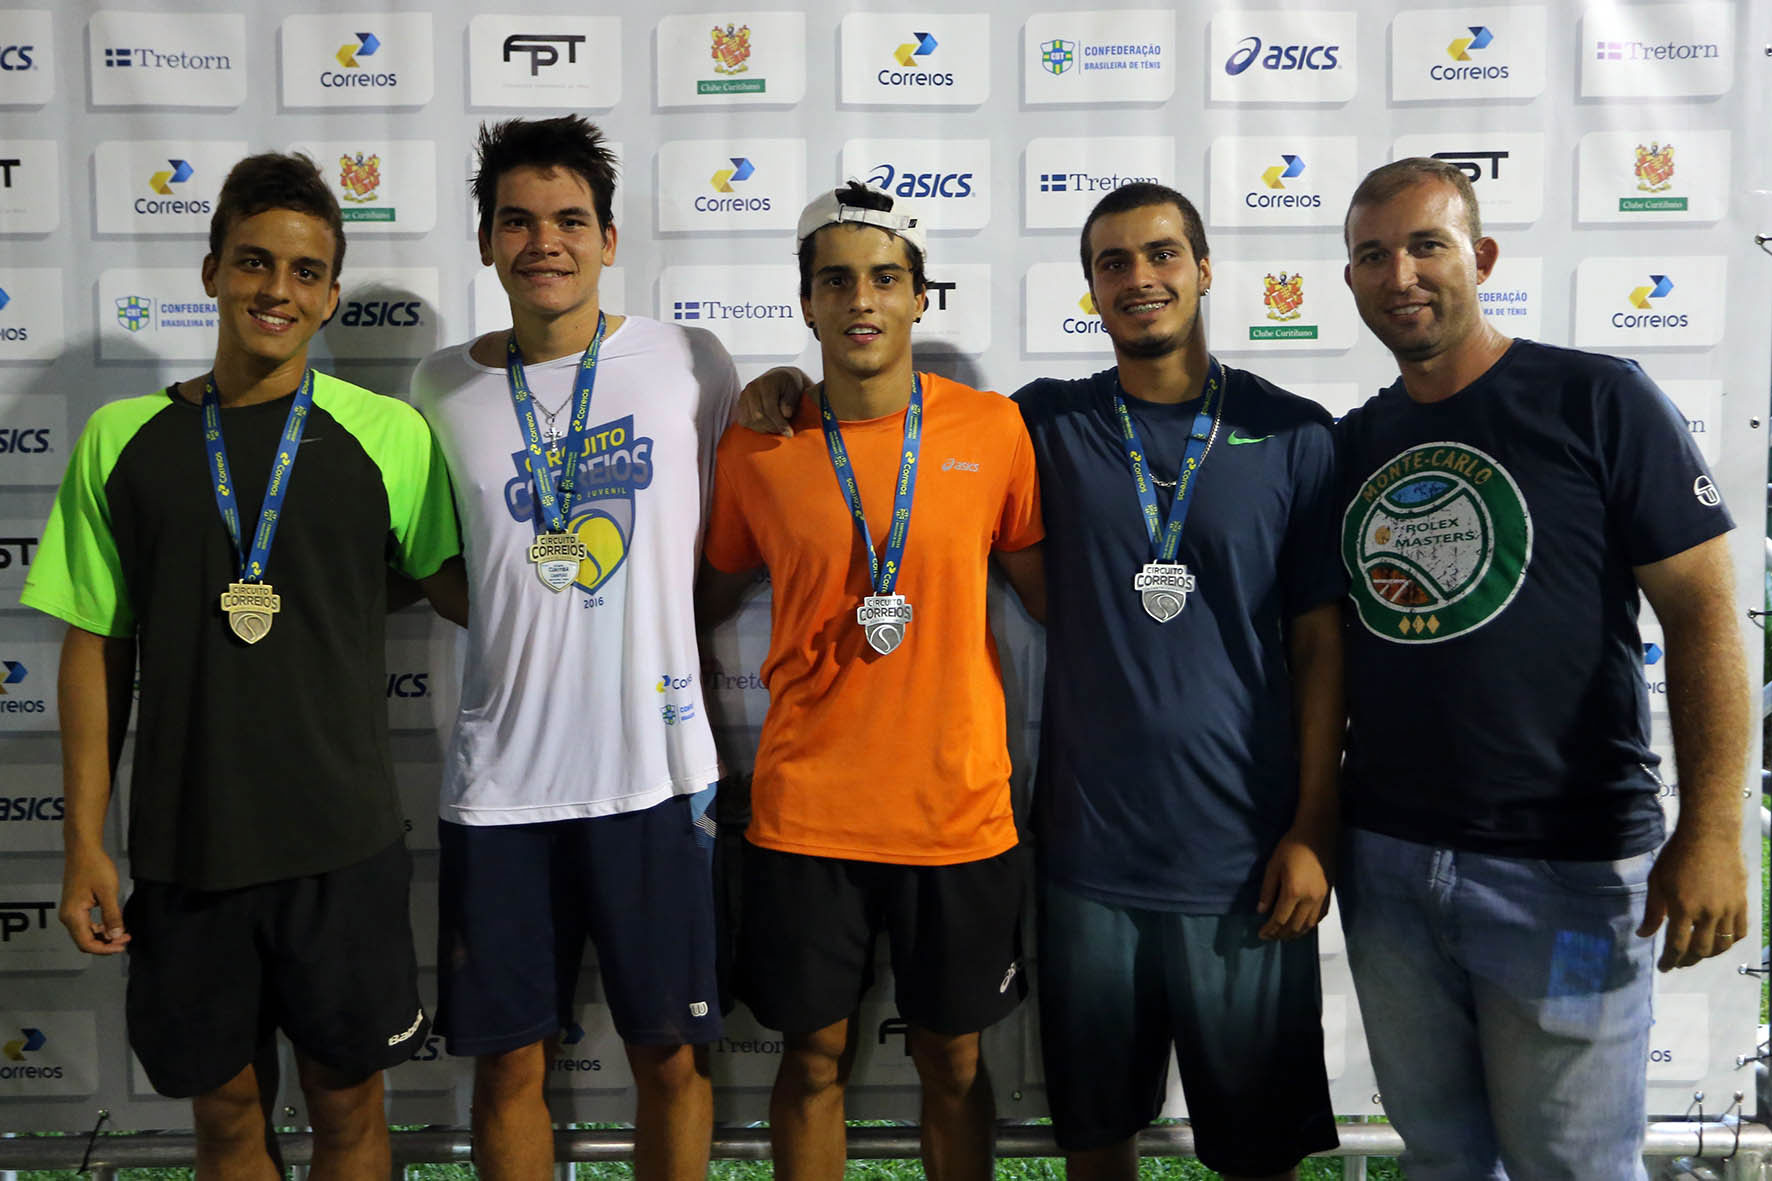 Atletas da Afini Tennis são campeões do Circuito CBT em Curitiba (PR)